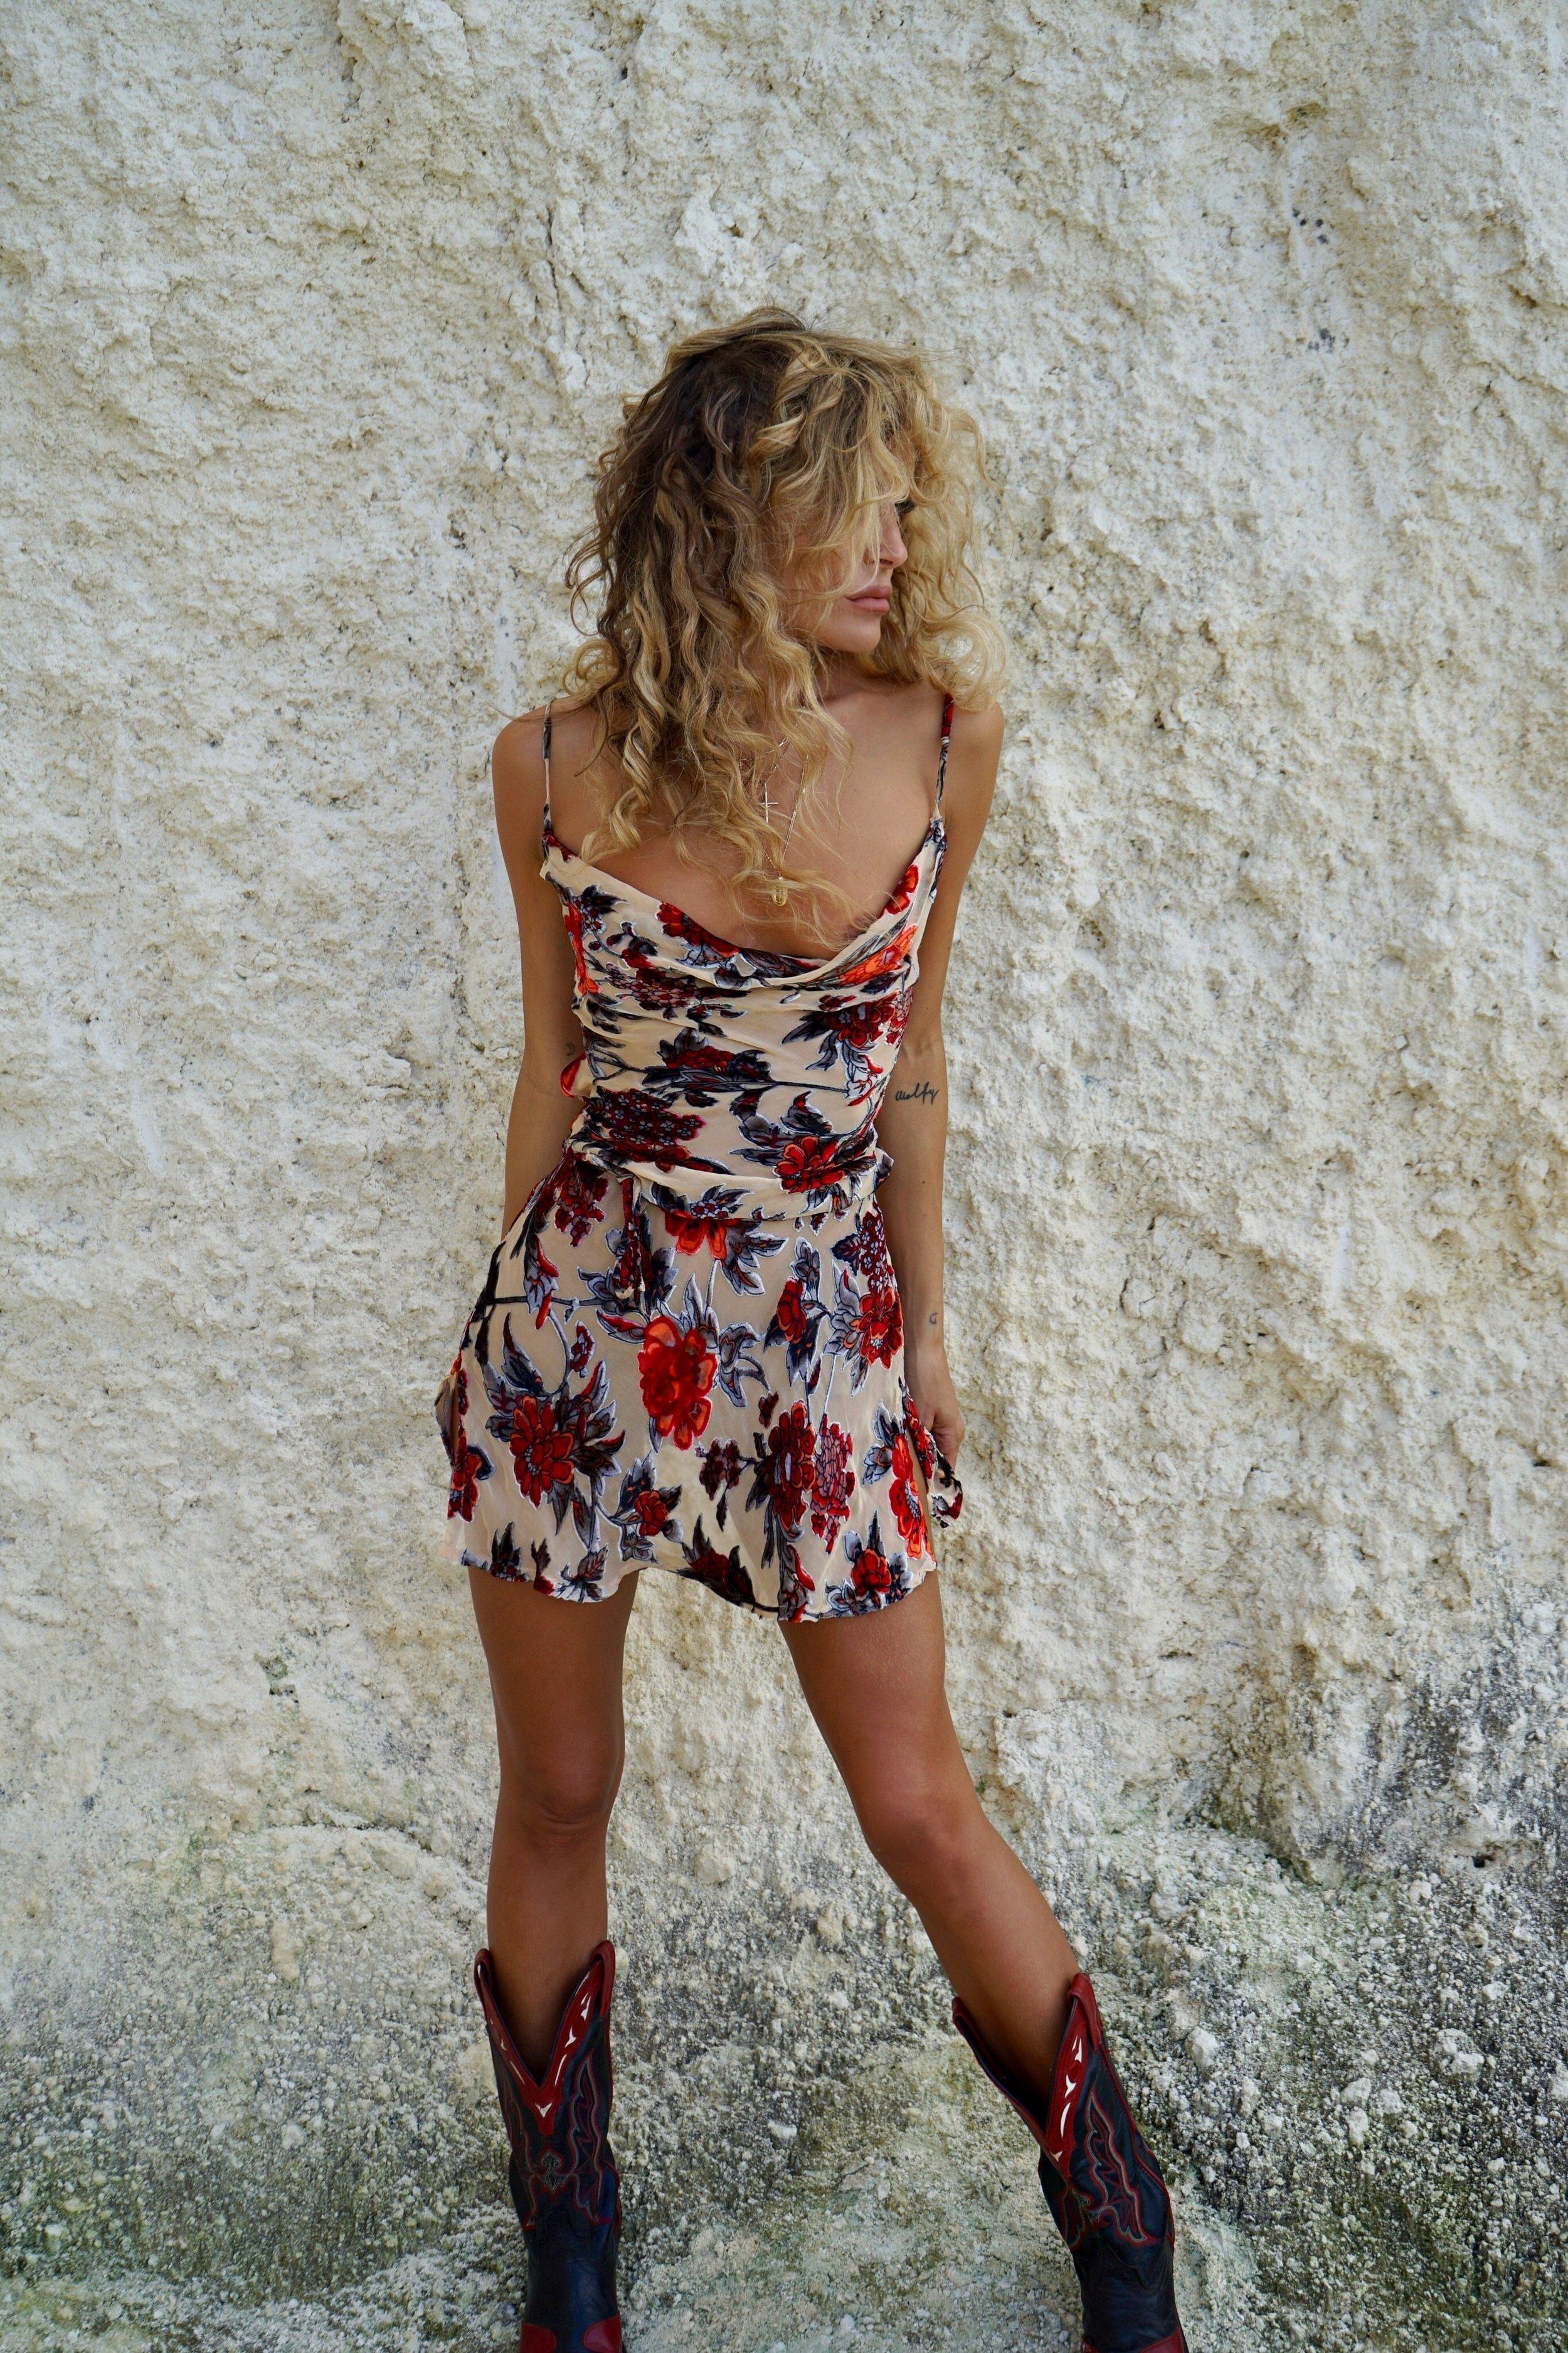 The Cerretti Dress